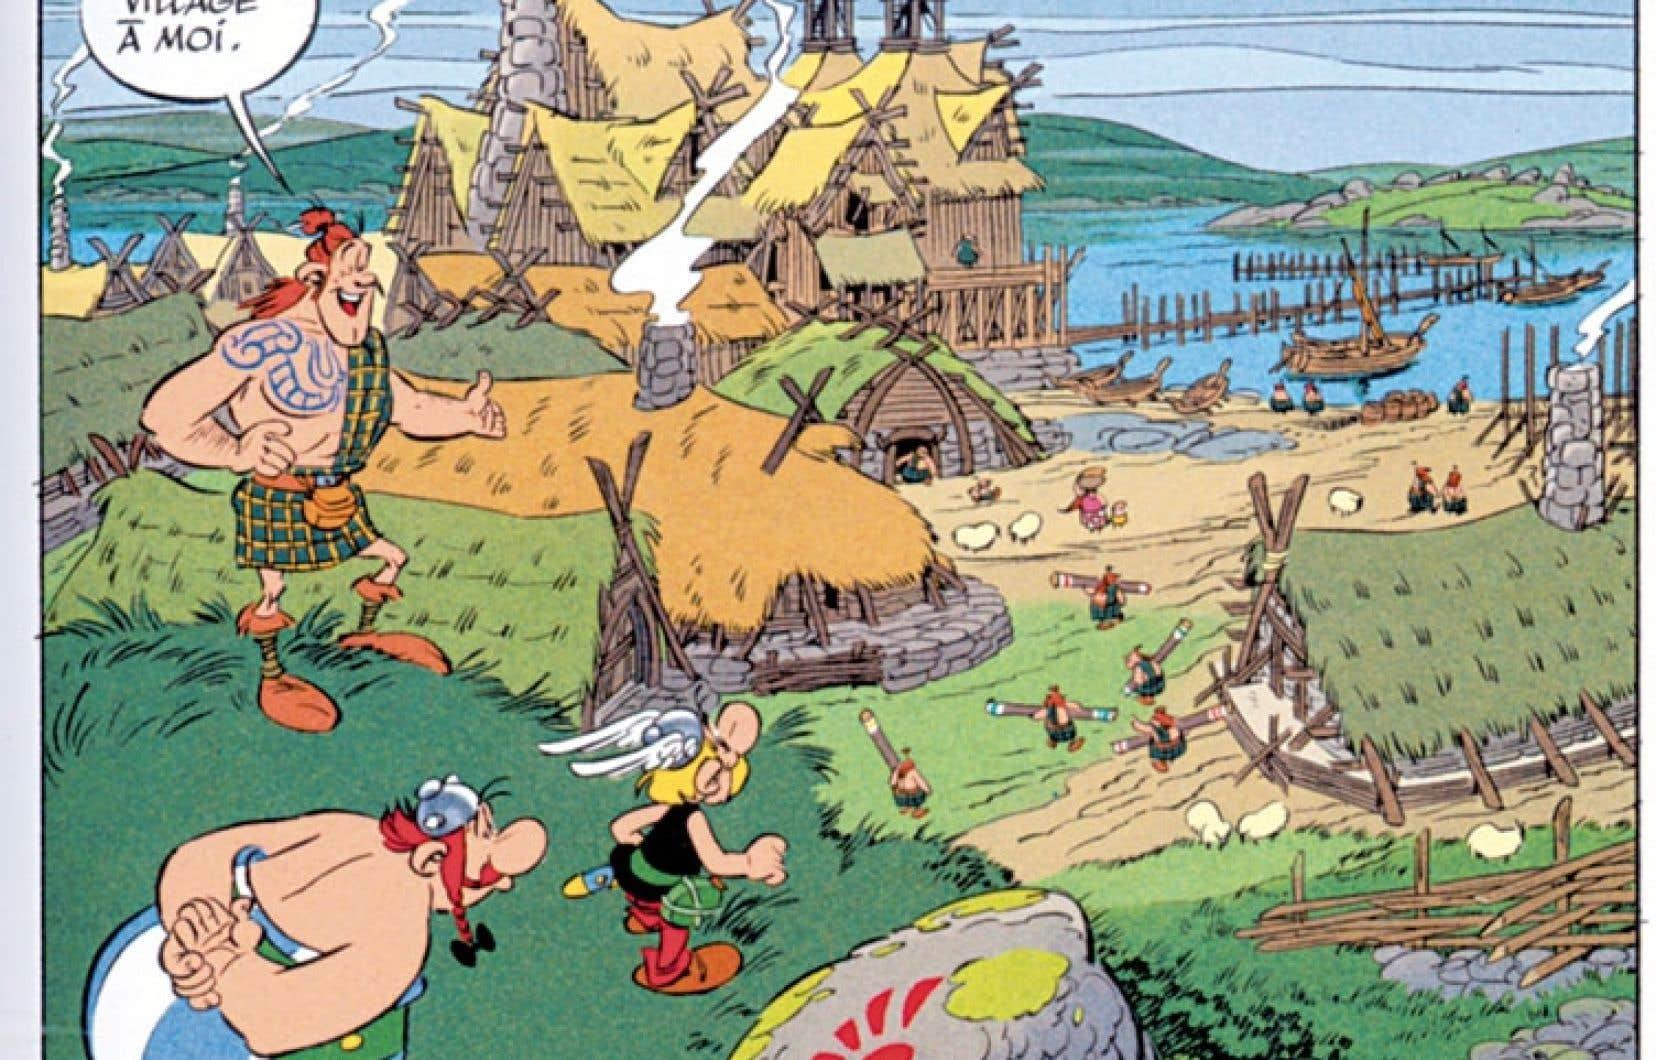 Astérix chez les Pictes décrit le voyage du petit guerrier et de son fidèle compagnon tailleur de menhirs, Obélix, en Écosse où s'affrontent clans écossais et, bien sûr, les incontournables Romains.